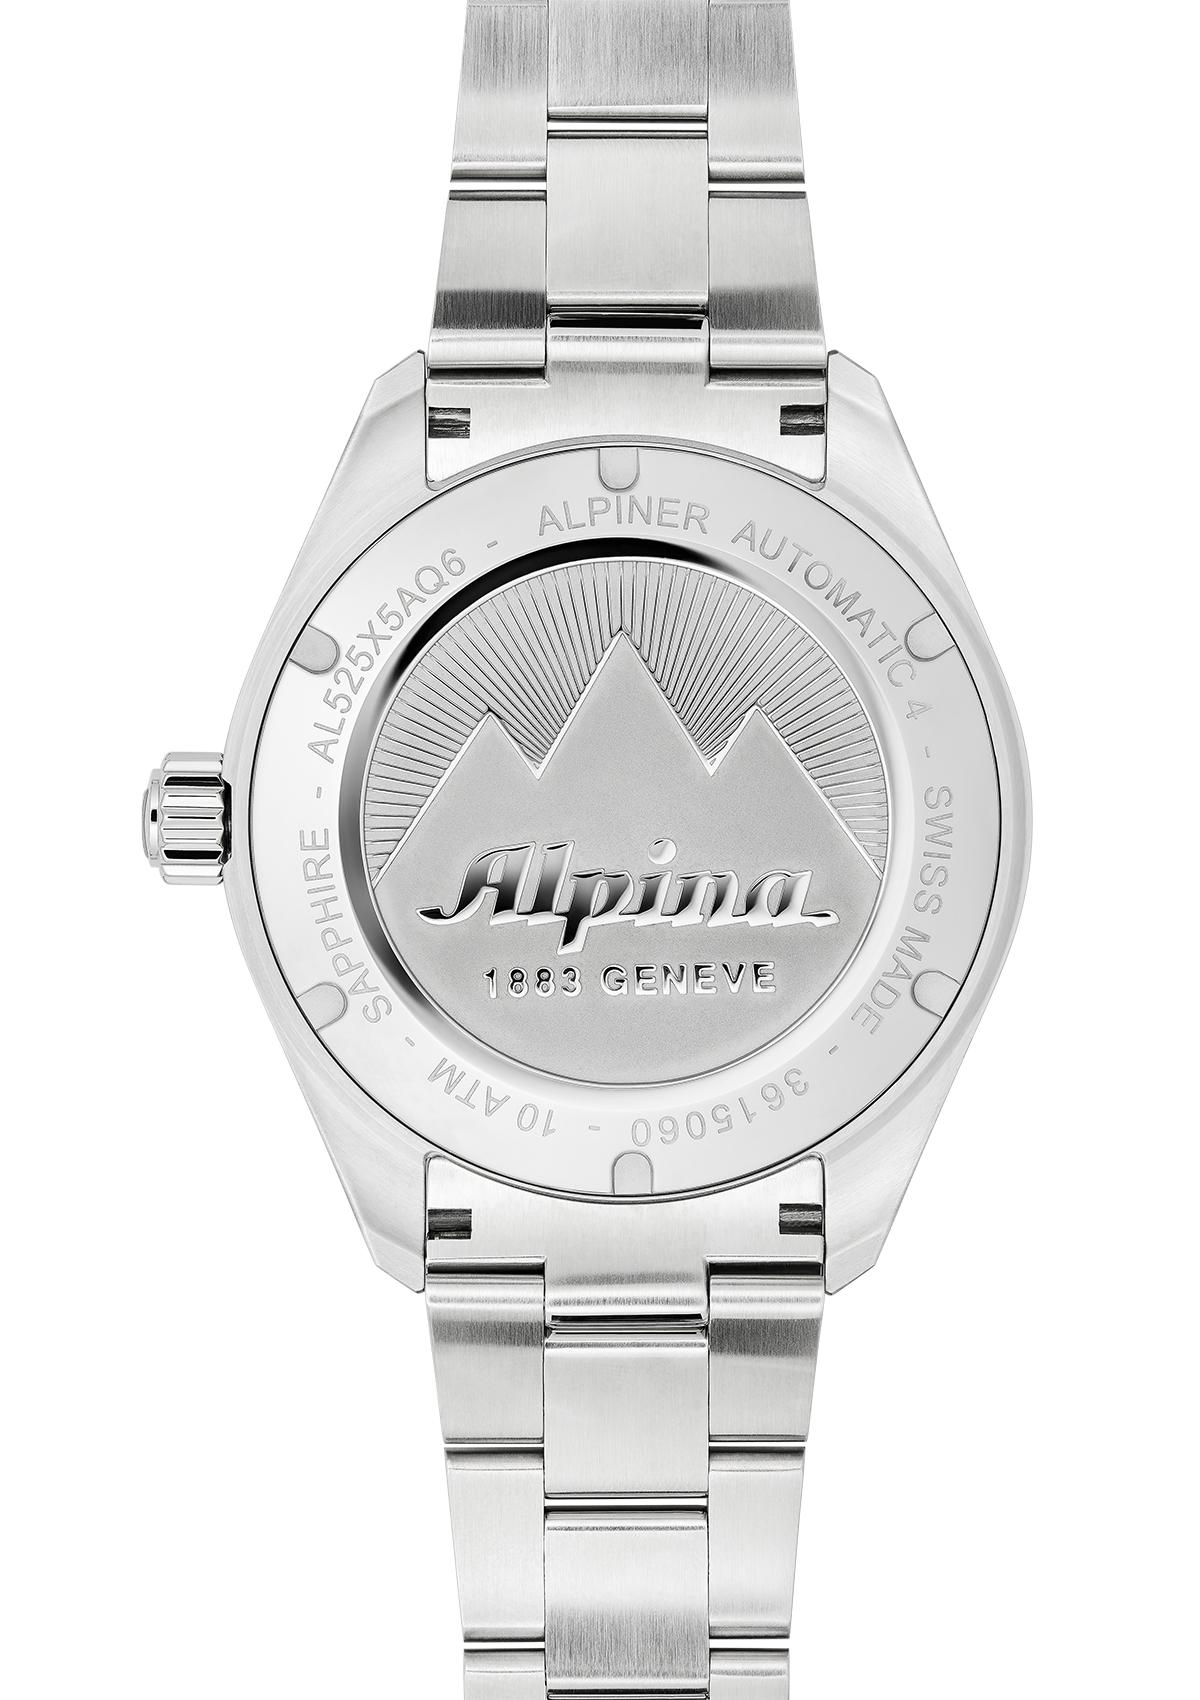 Alpiner 4 03